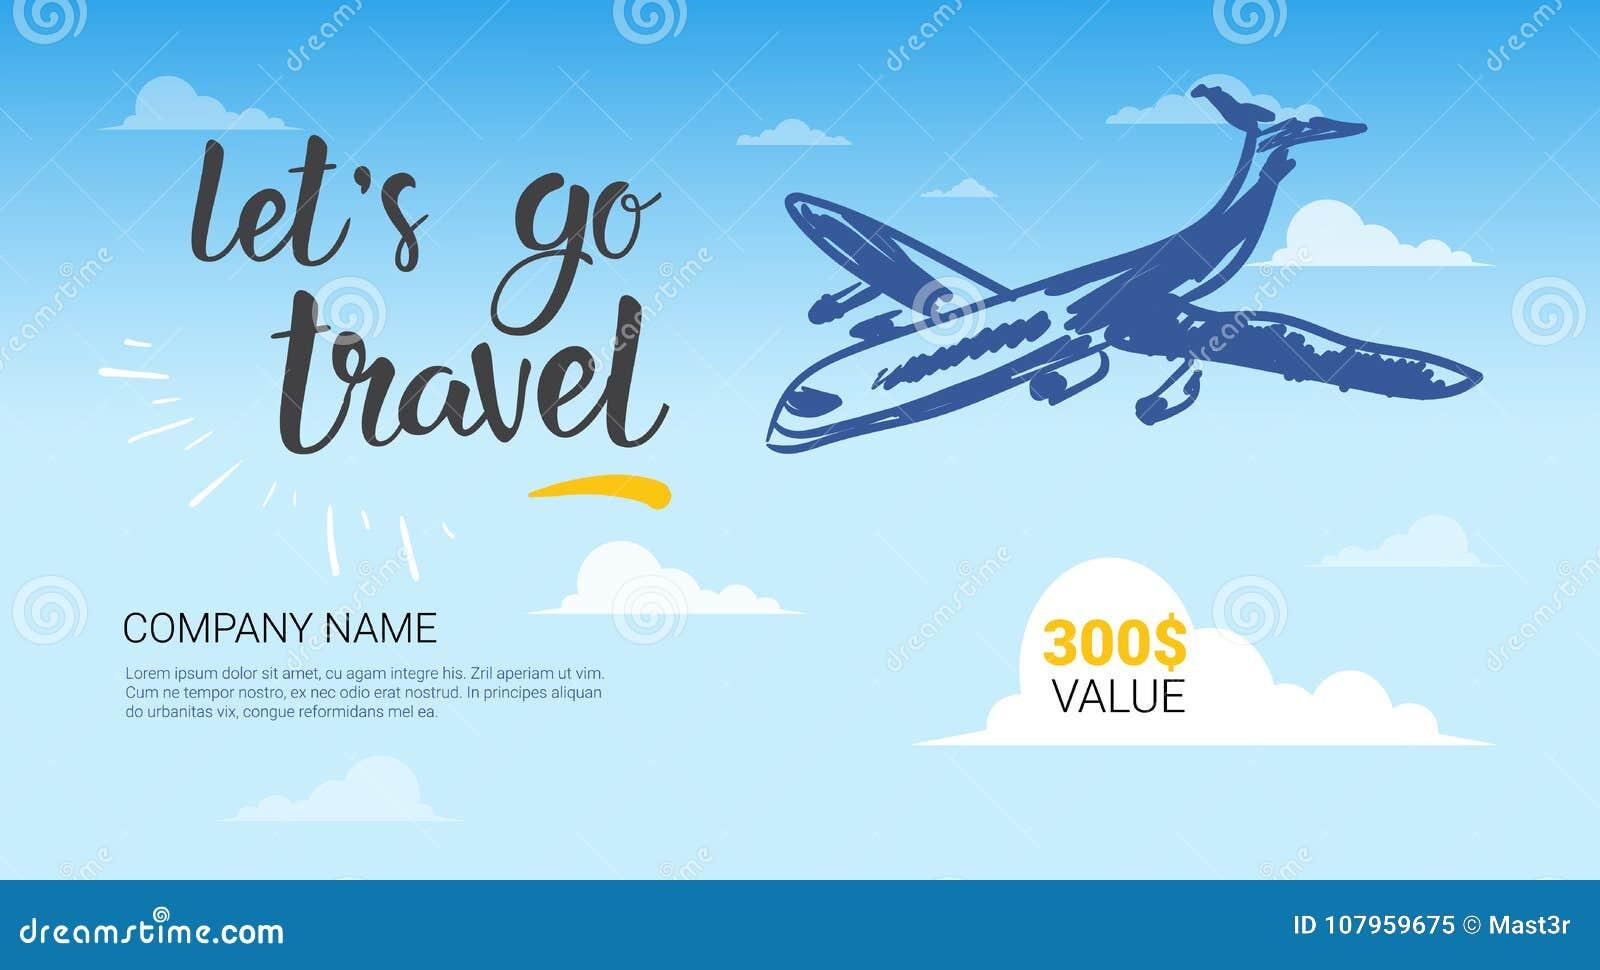 Vuelo del aeroplano de la bandera de la plantilla de la compa a del viaje en aviador de la - Banera de viaje ...